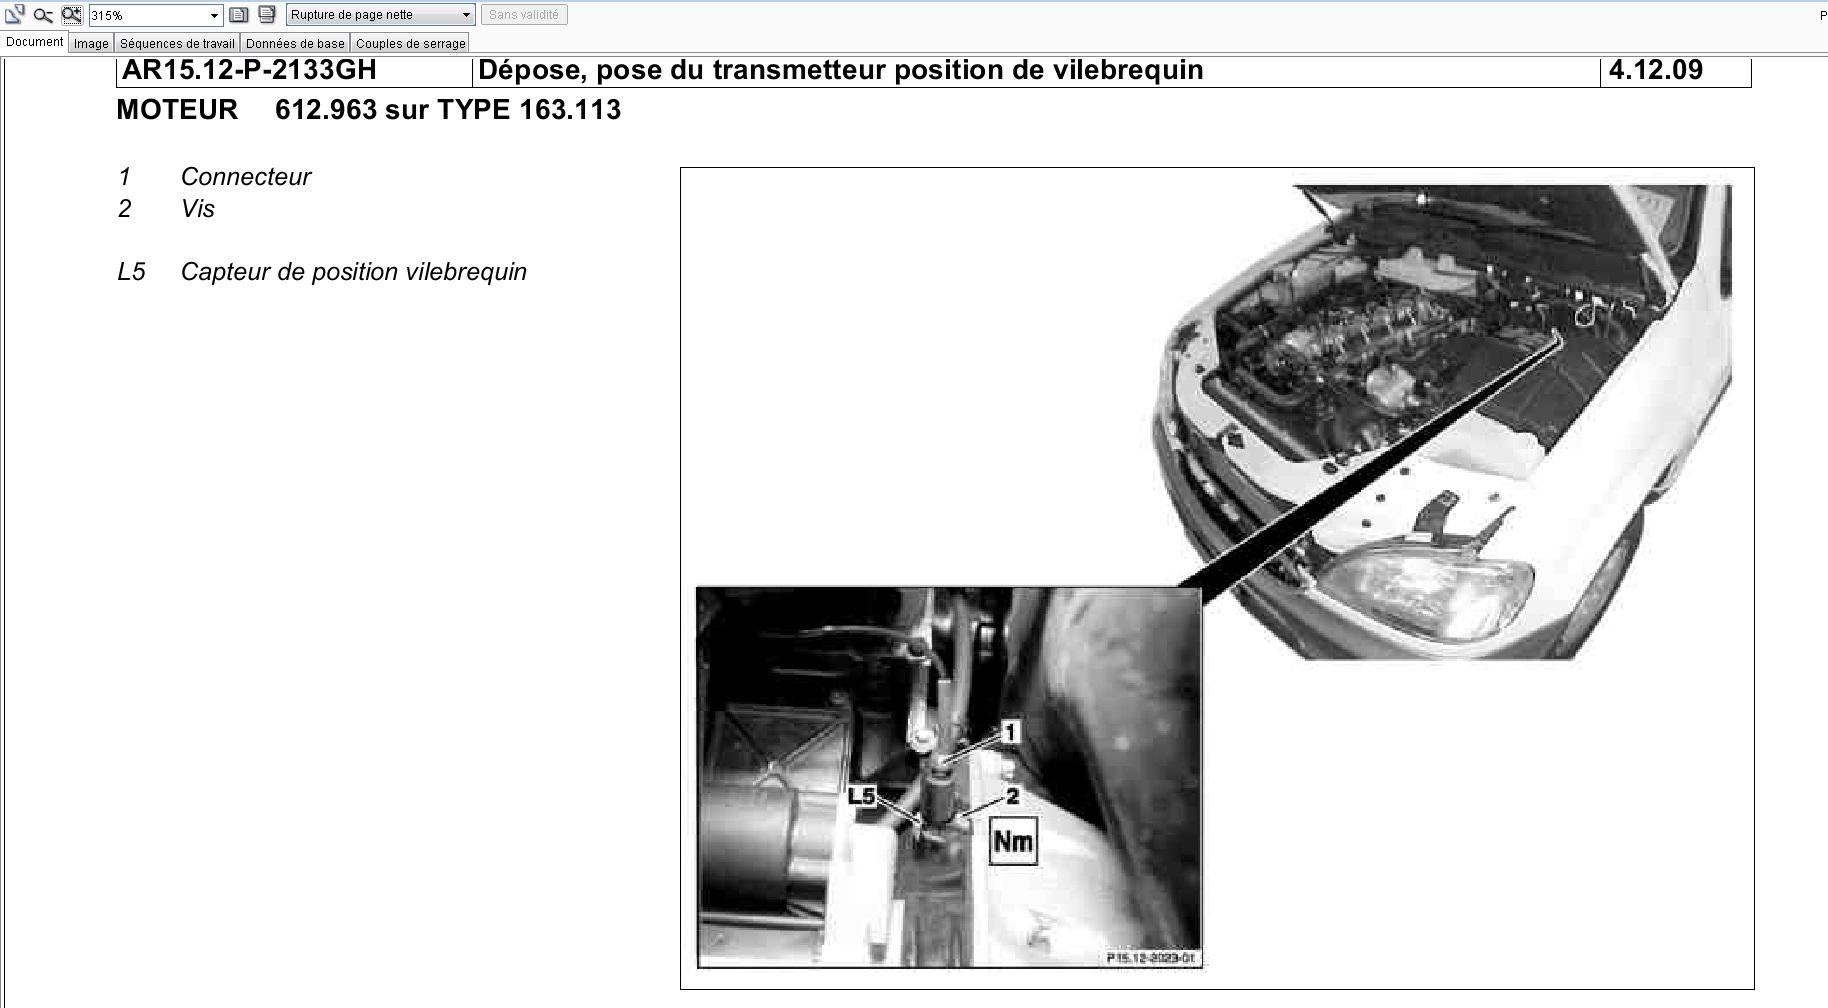 capteur-de-vilebrequin-2-WDC1631131A360799.jpg